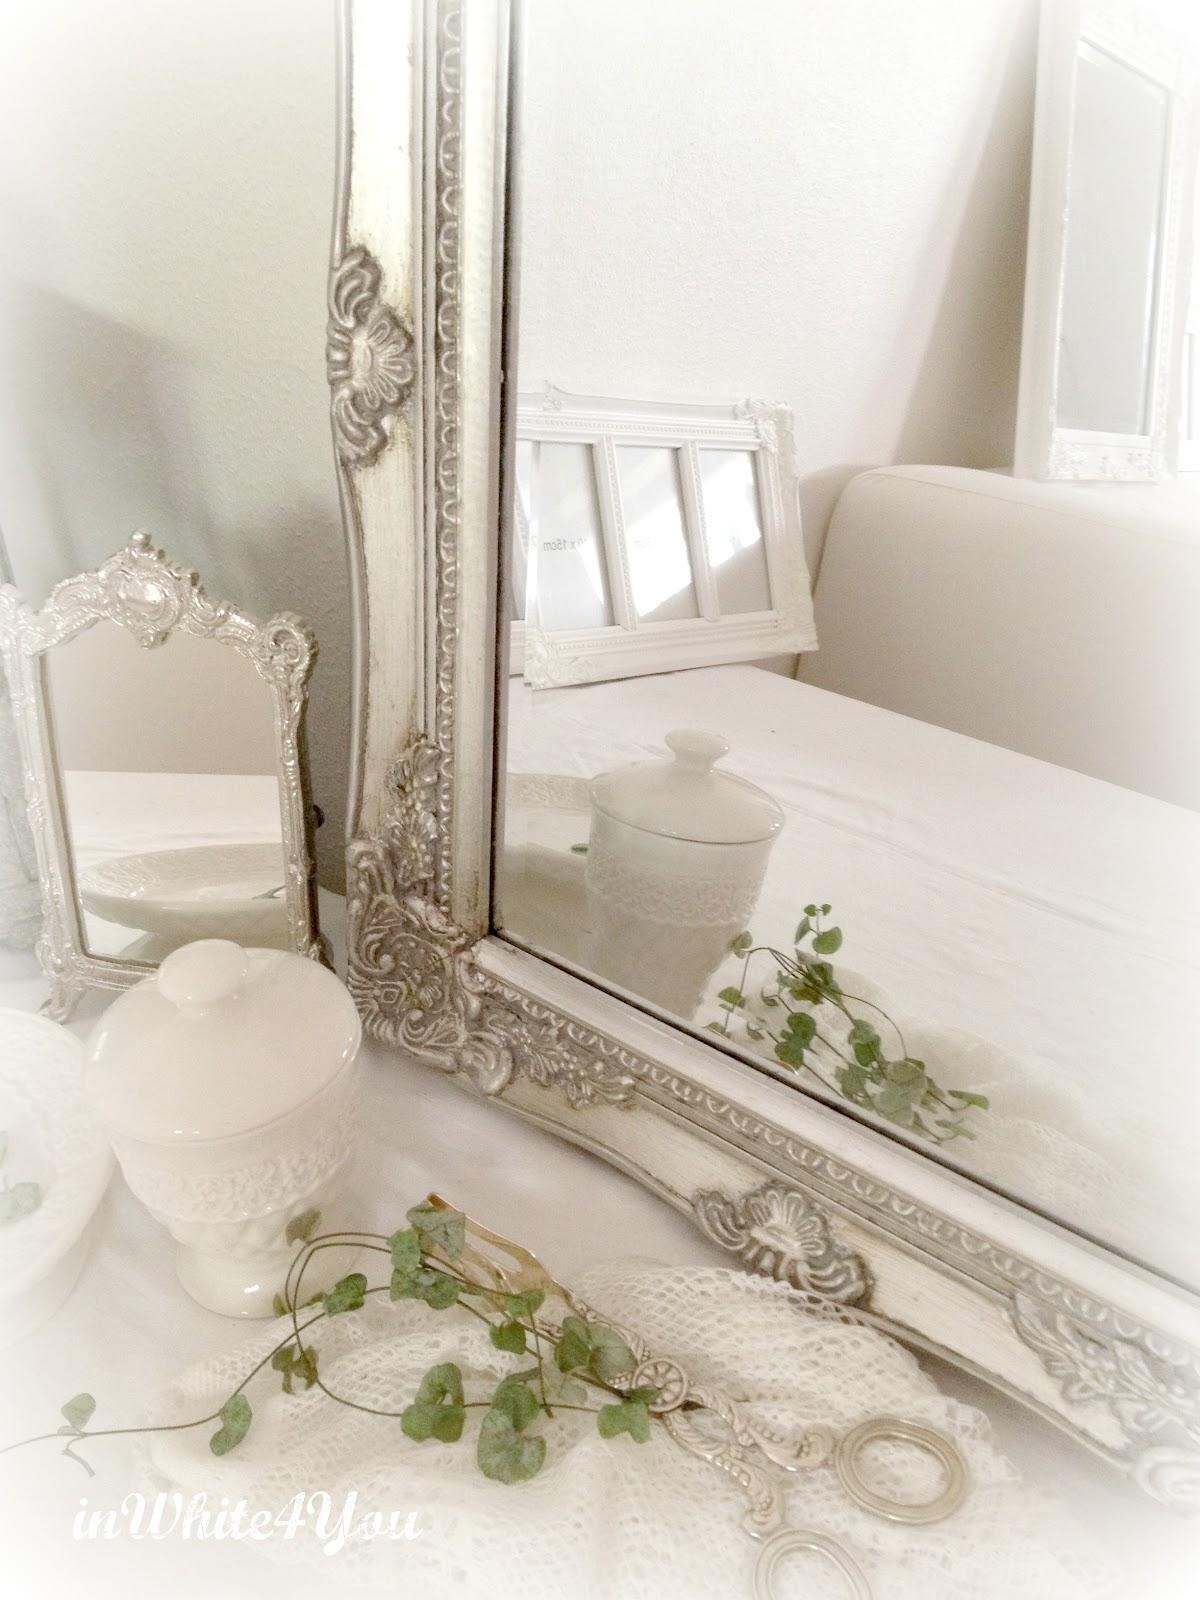 Inwhite4you: speglar i fransk lantstil är något jag favoriserar....